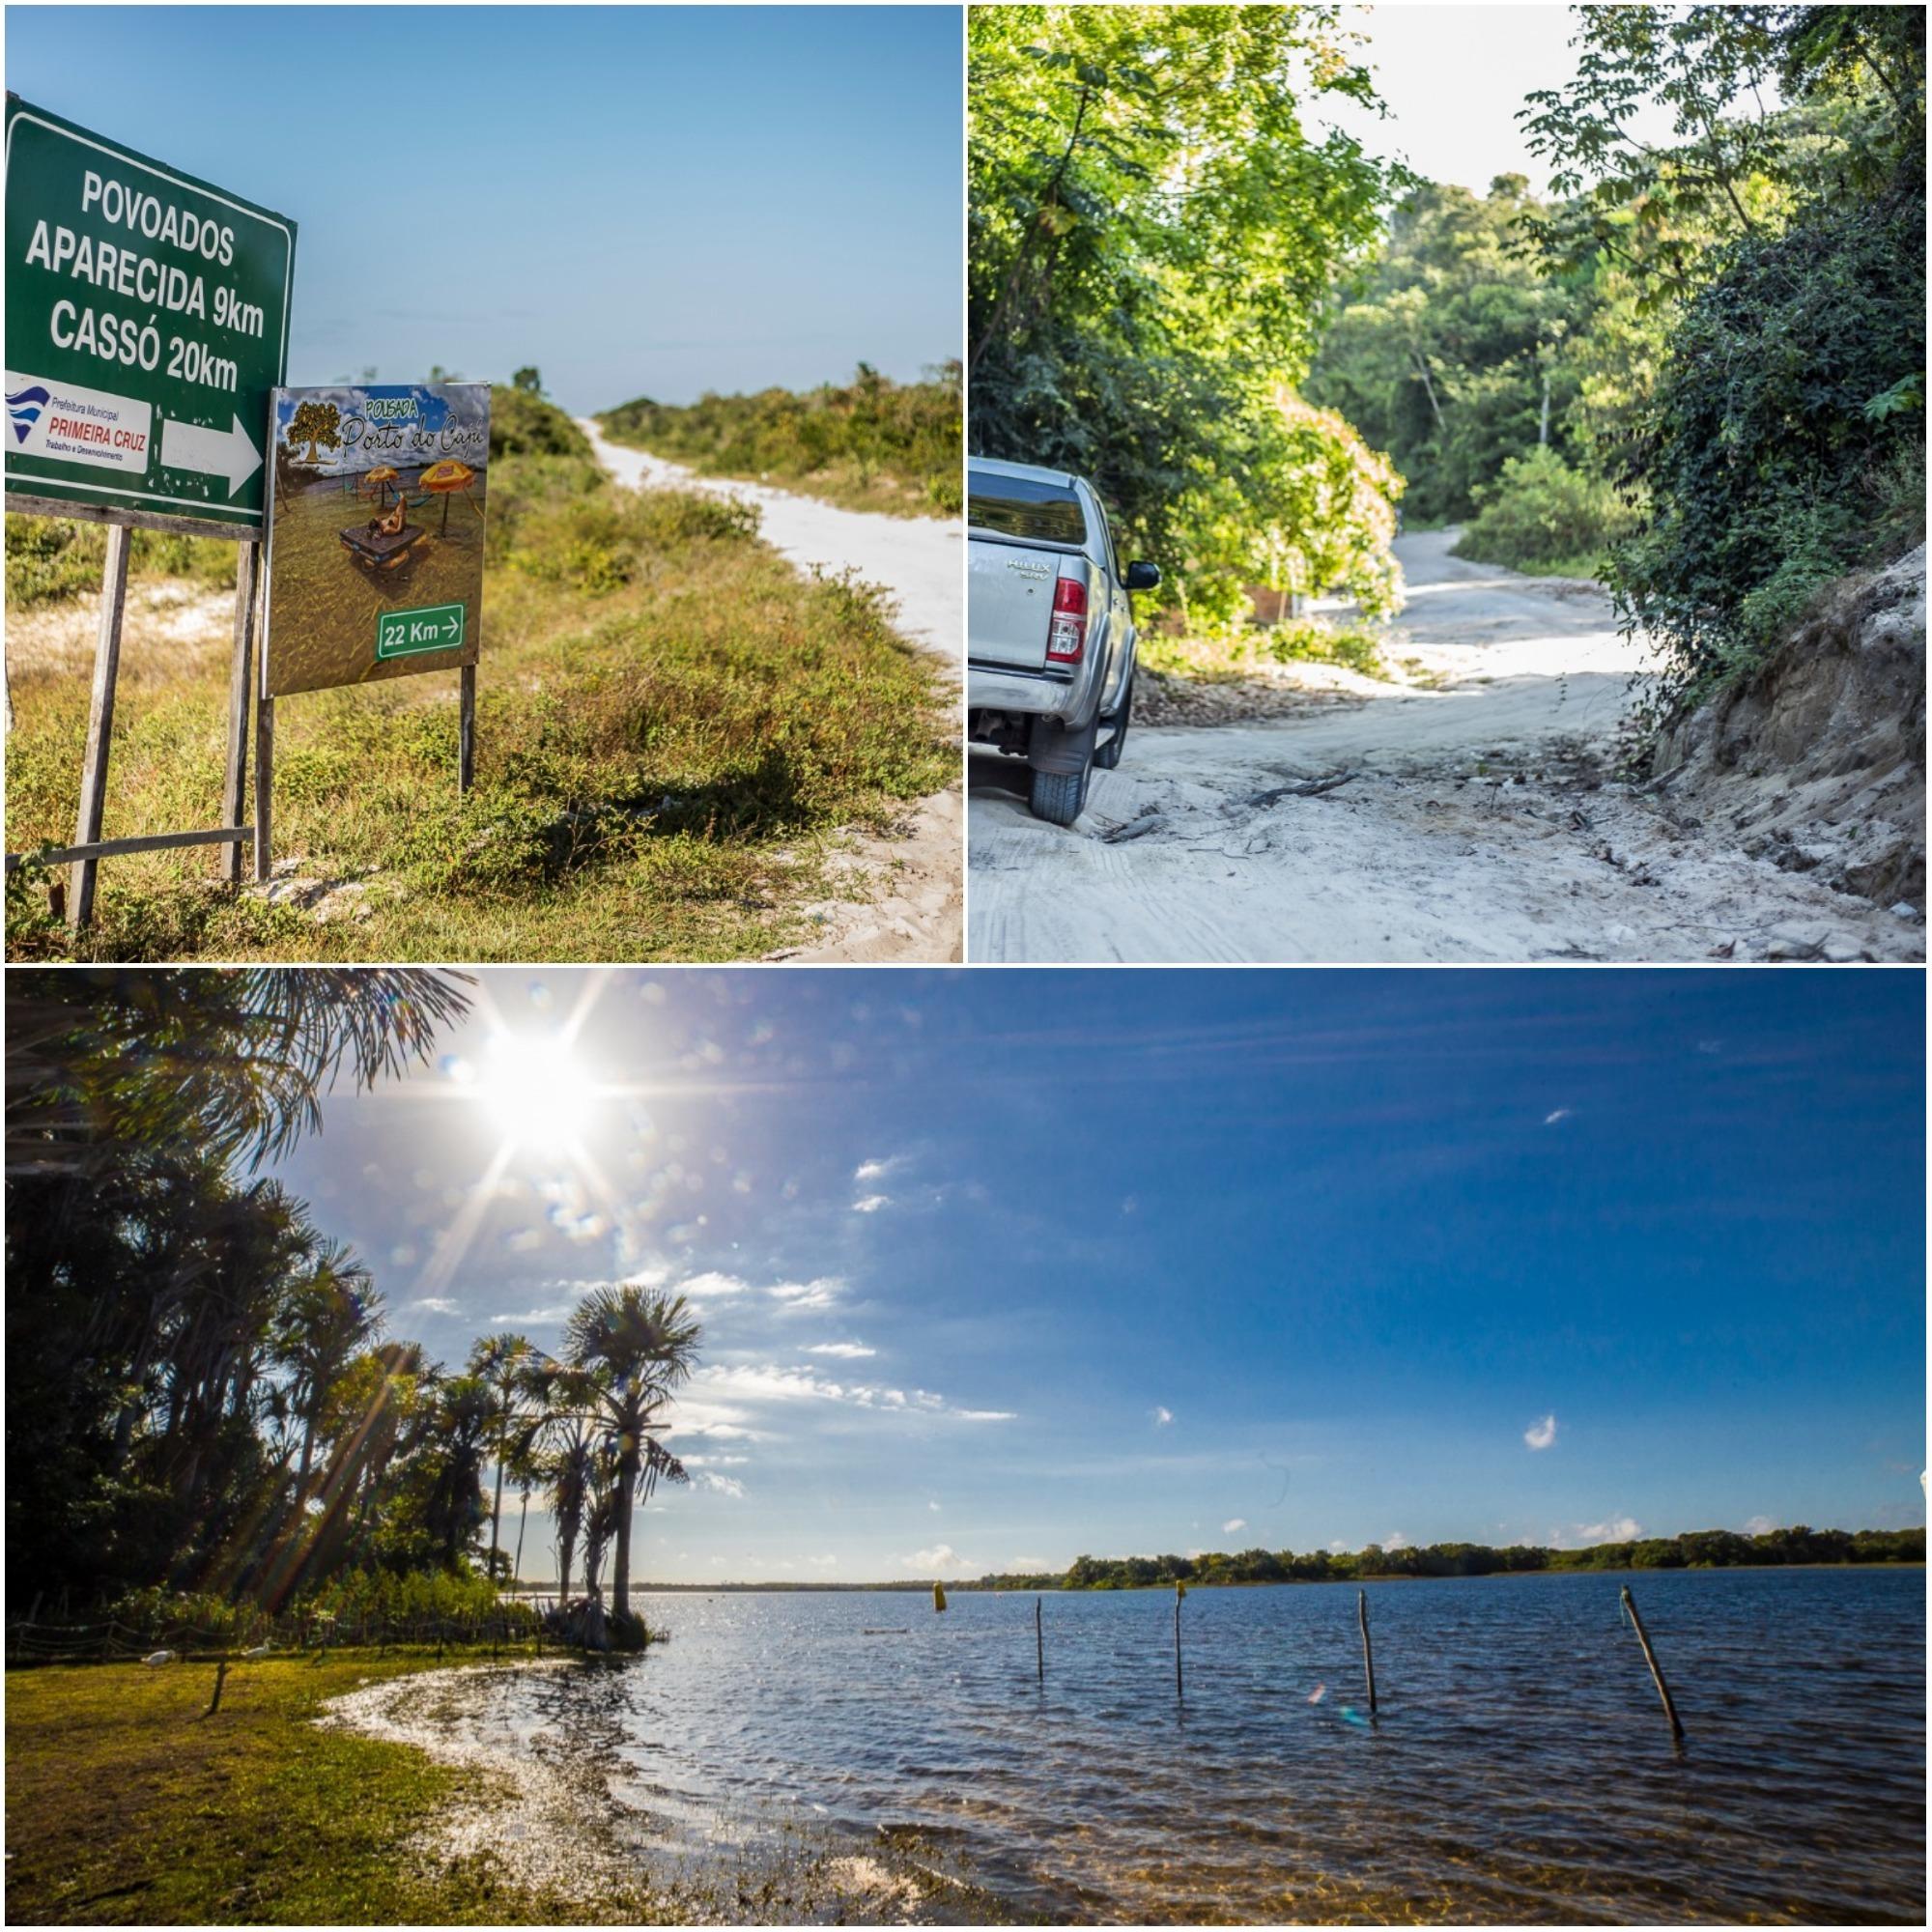 Trechos que dão acesso à Lagoa do Cassó, um paraíso de água transparente e de natureza quase intocada.